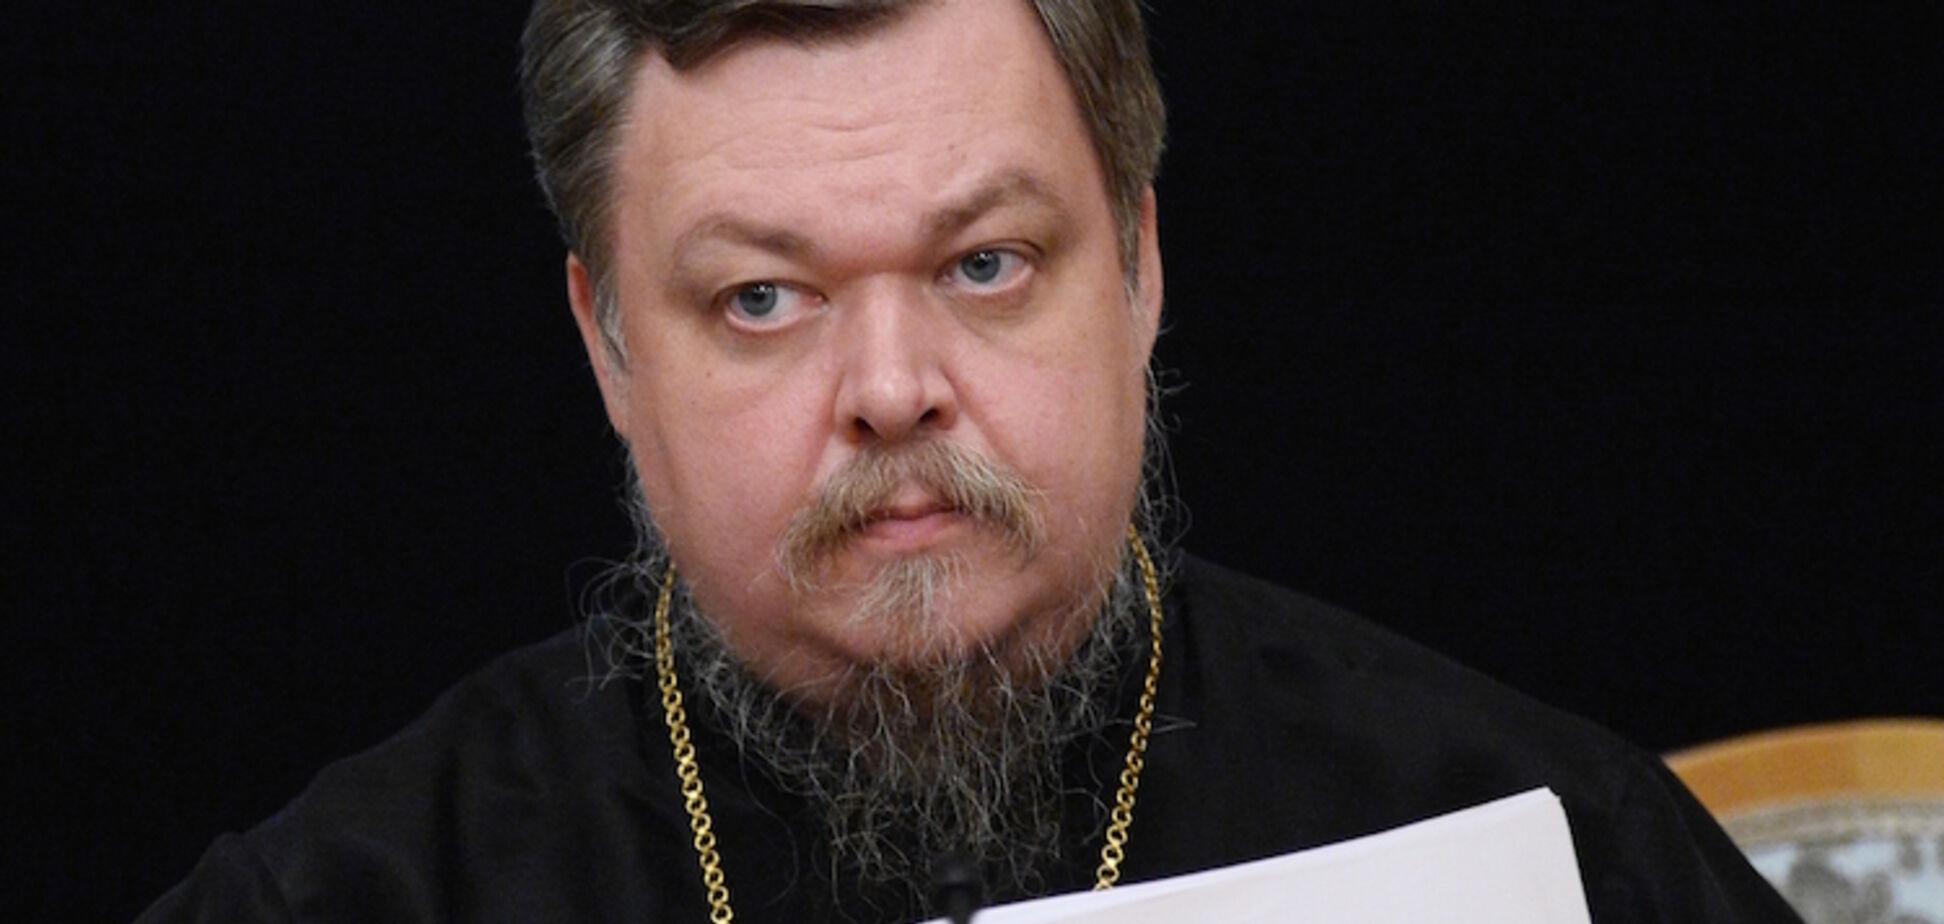 Помер скандальний протоієрей РПЦ Всеволод Чаплін: подробиці, фото й відео